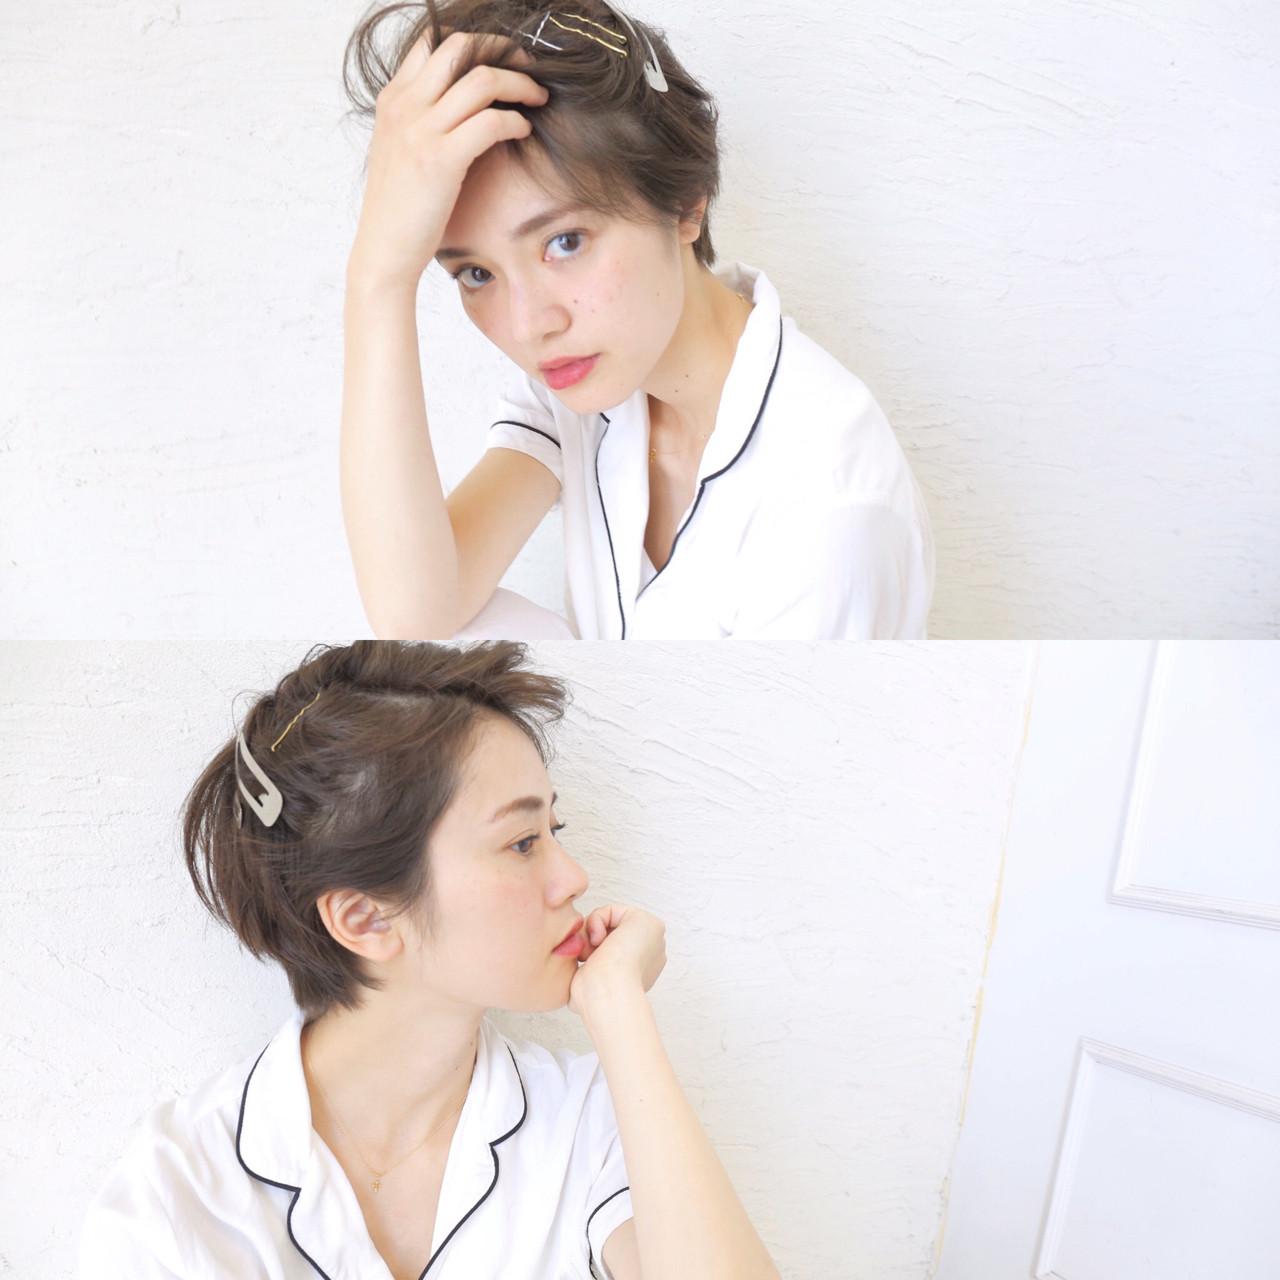 【2016夏ヘアアレンジ特集】ショートヘアでもできるアレンジ♡この夏のスタイル可愛さ倍増しちゃえ♪ 原田直美